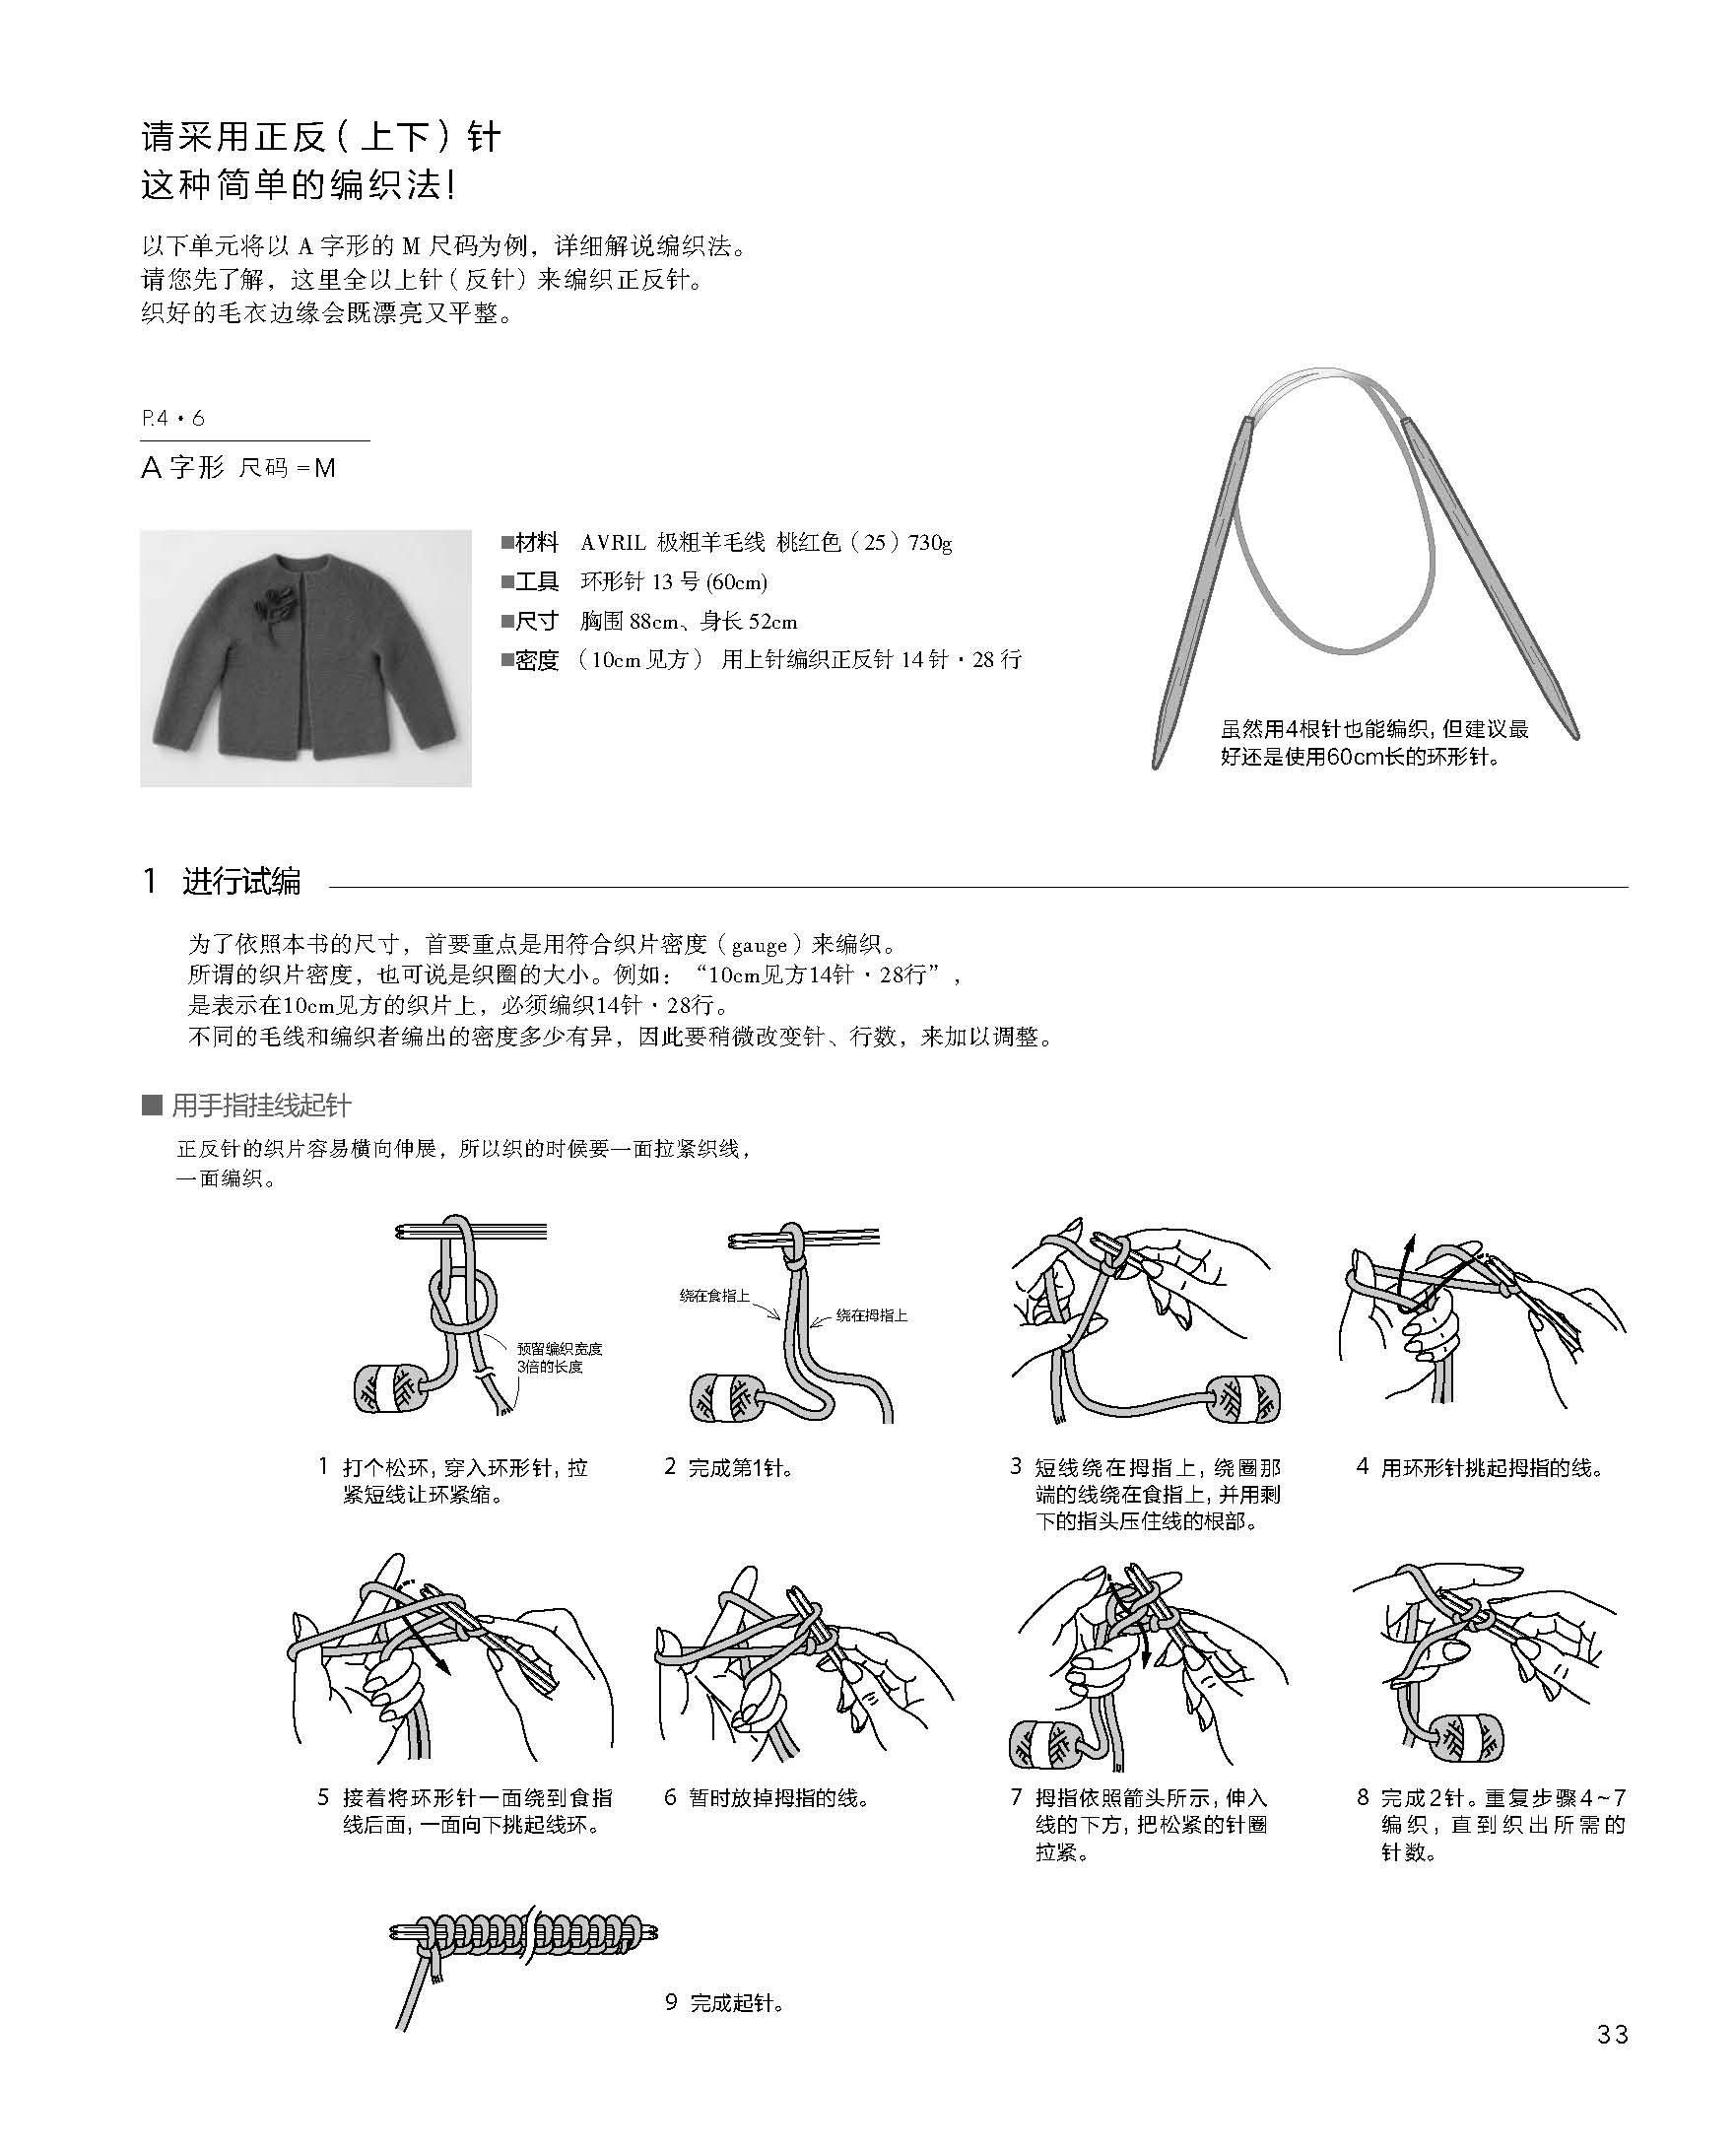 13501 下田直子的基础毛衣编织-30试读_页面_24.jpg